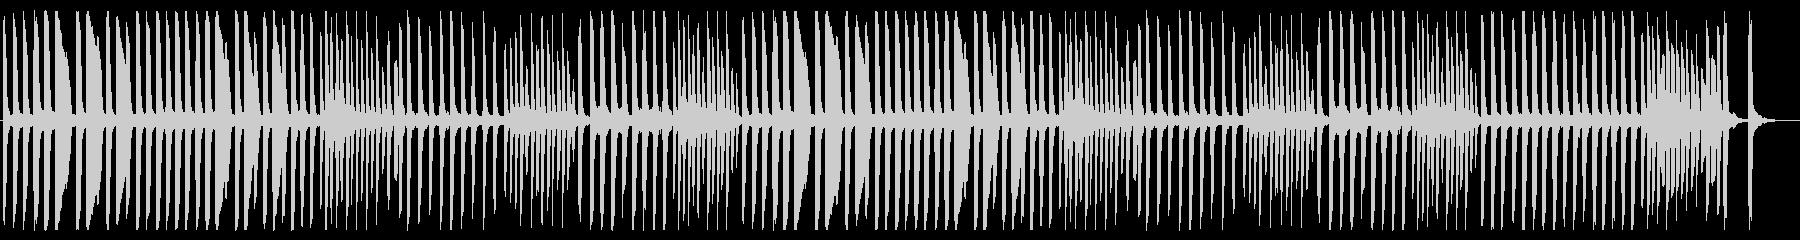 独特なリズムで弾むメロディーの未再生の波形